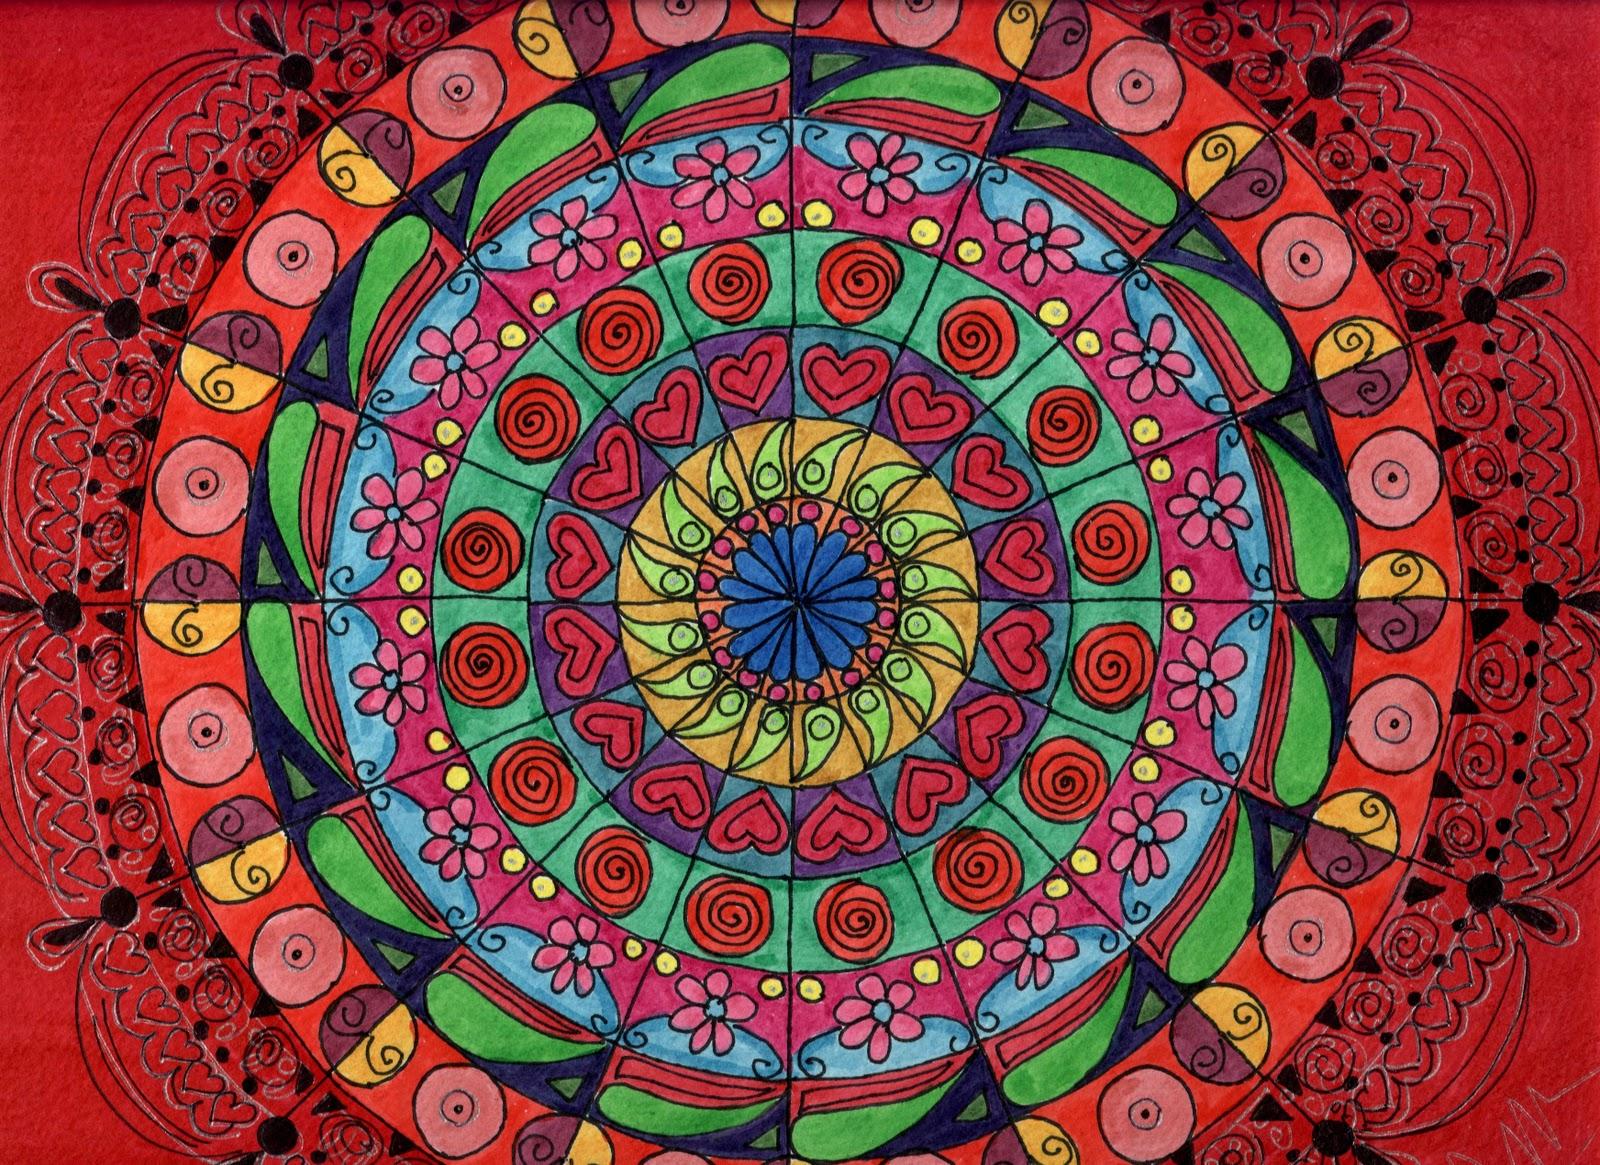 Adriana Azzolina Pinturas Mi Experiencia Con Mandalas - Pinturas-de-mandalas